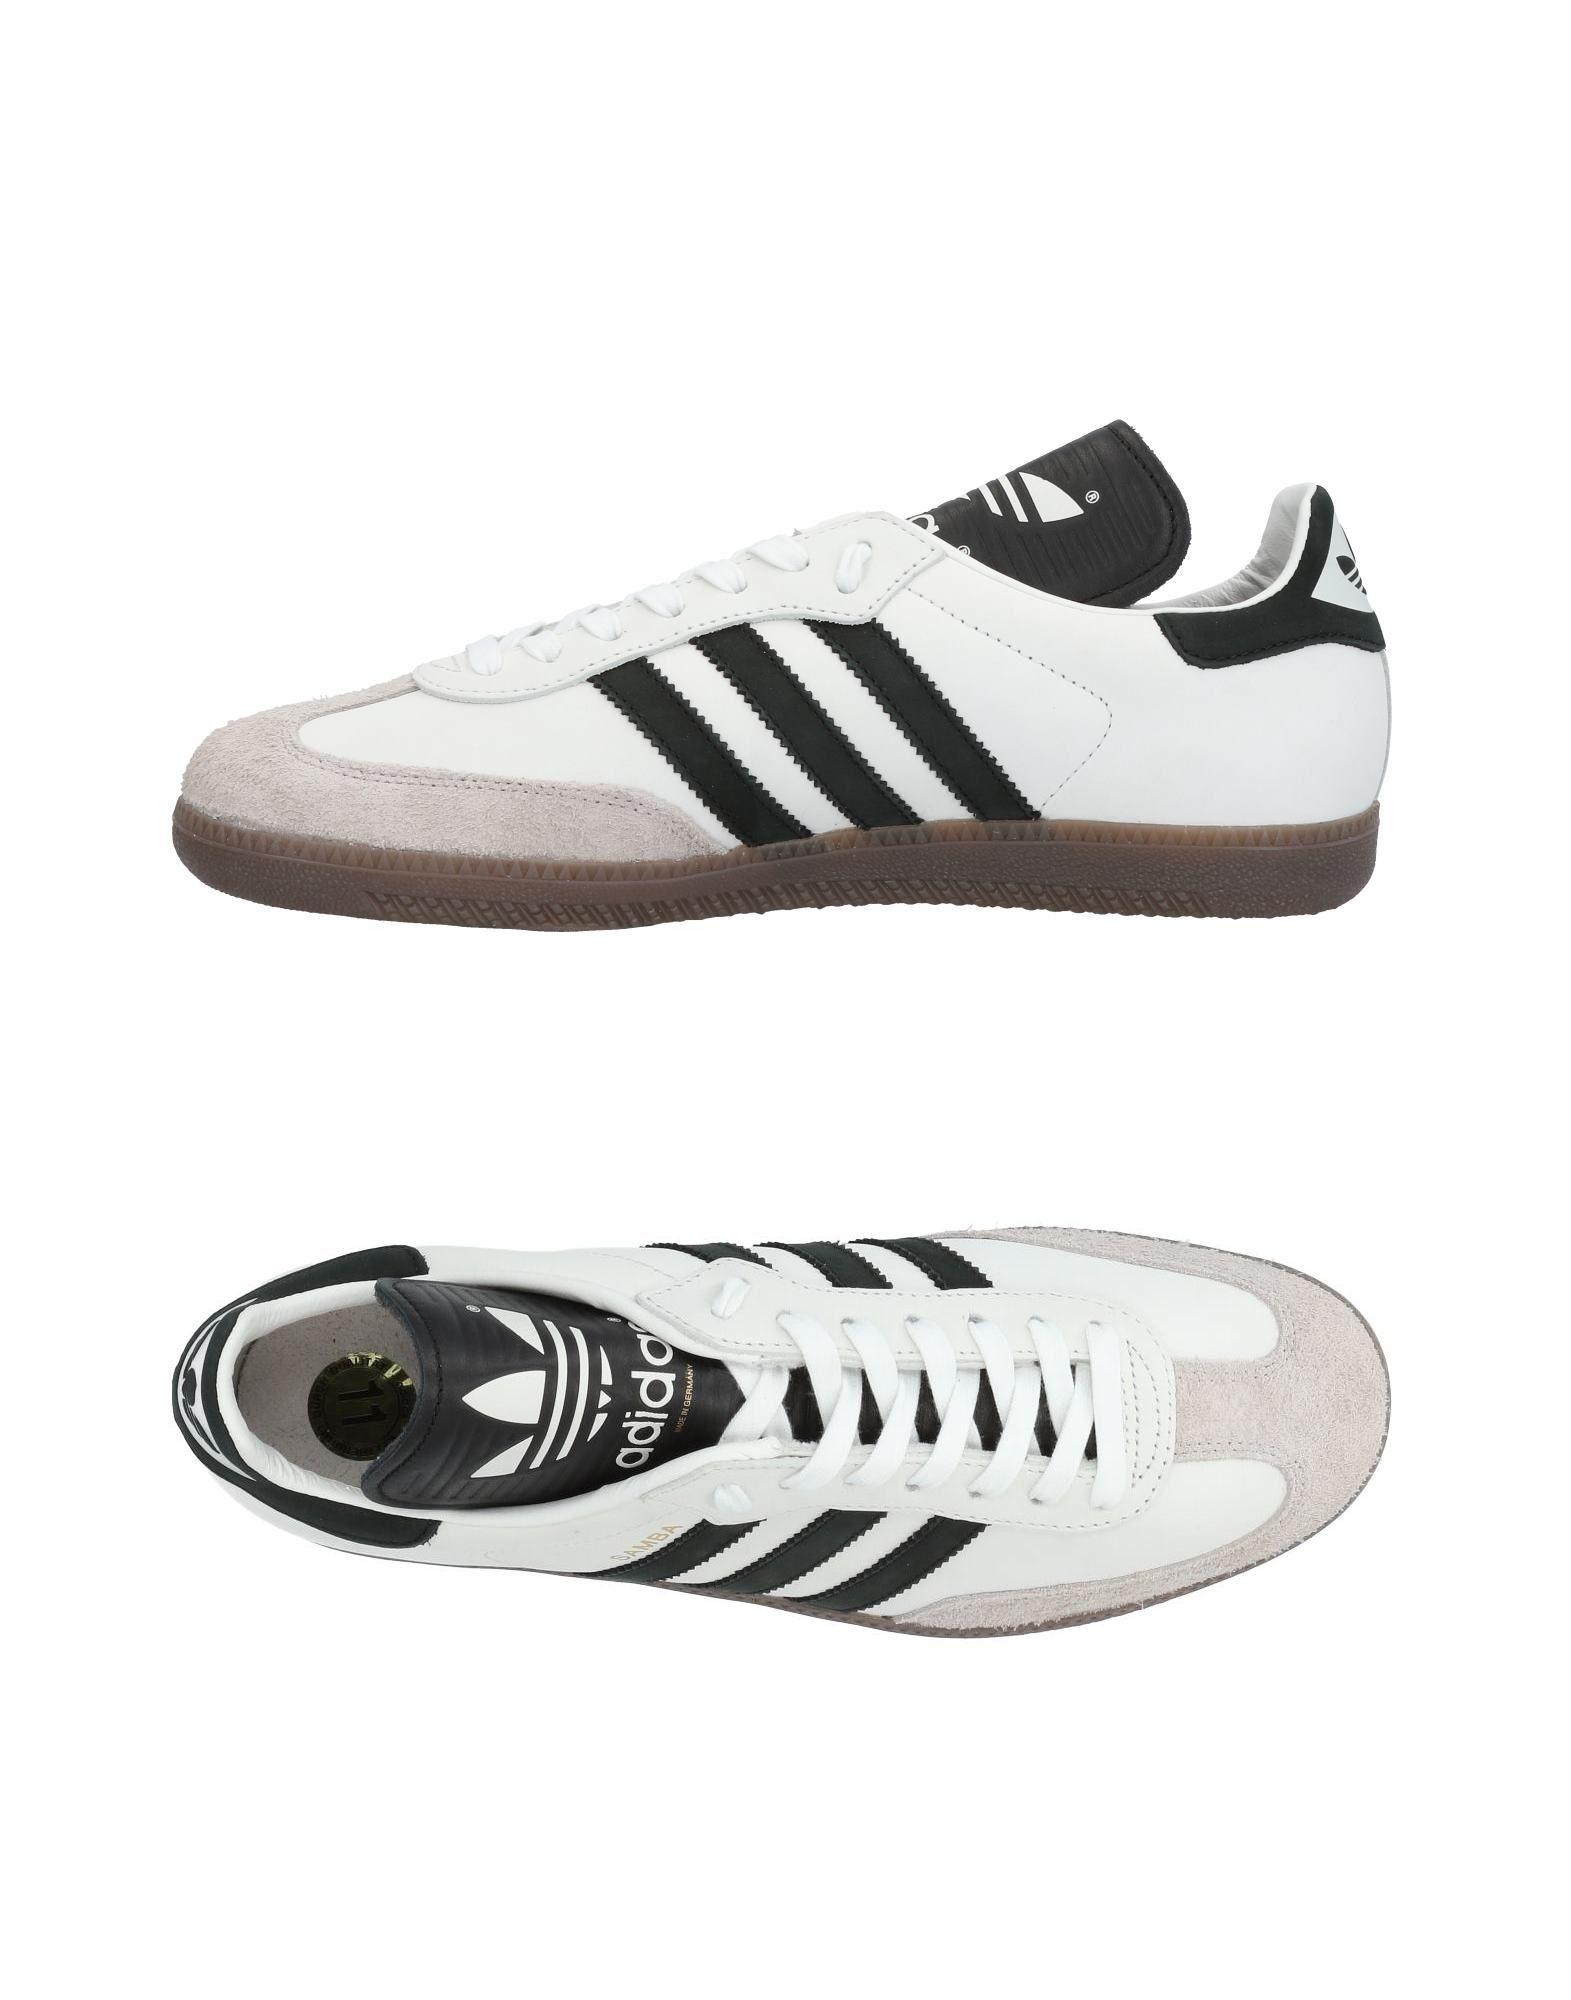 newest c9455 5f892 adidas originaux baskets hommes adidas originaux des baskets en en en ligne  le royaume uni 11453042lb 38c68a